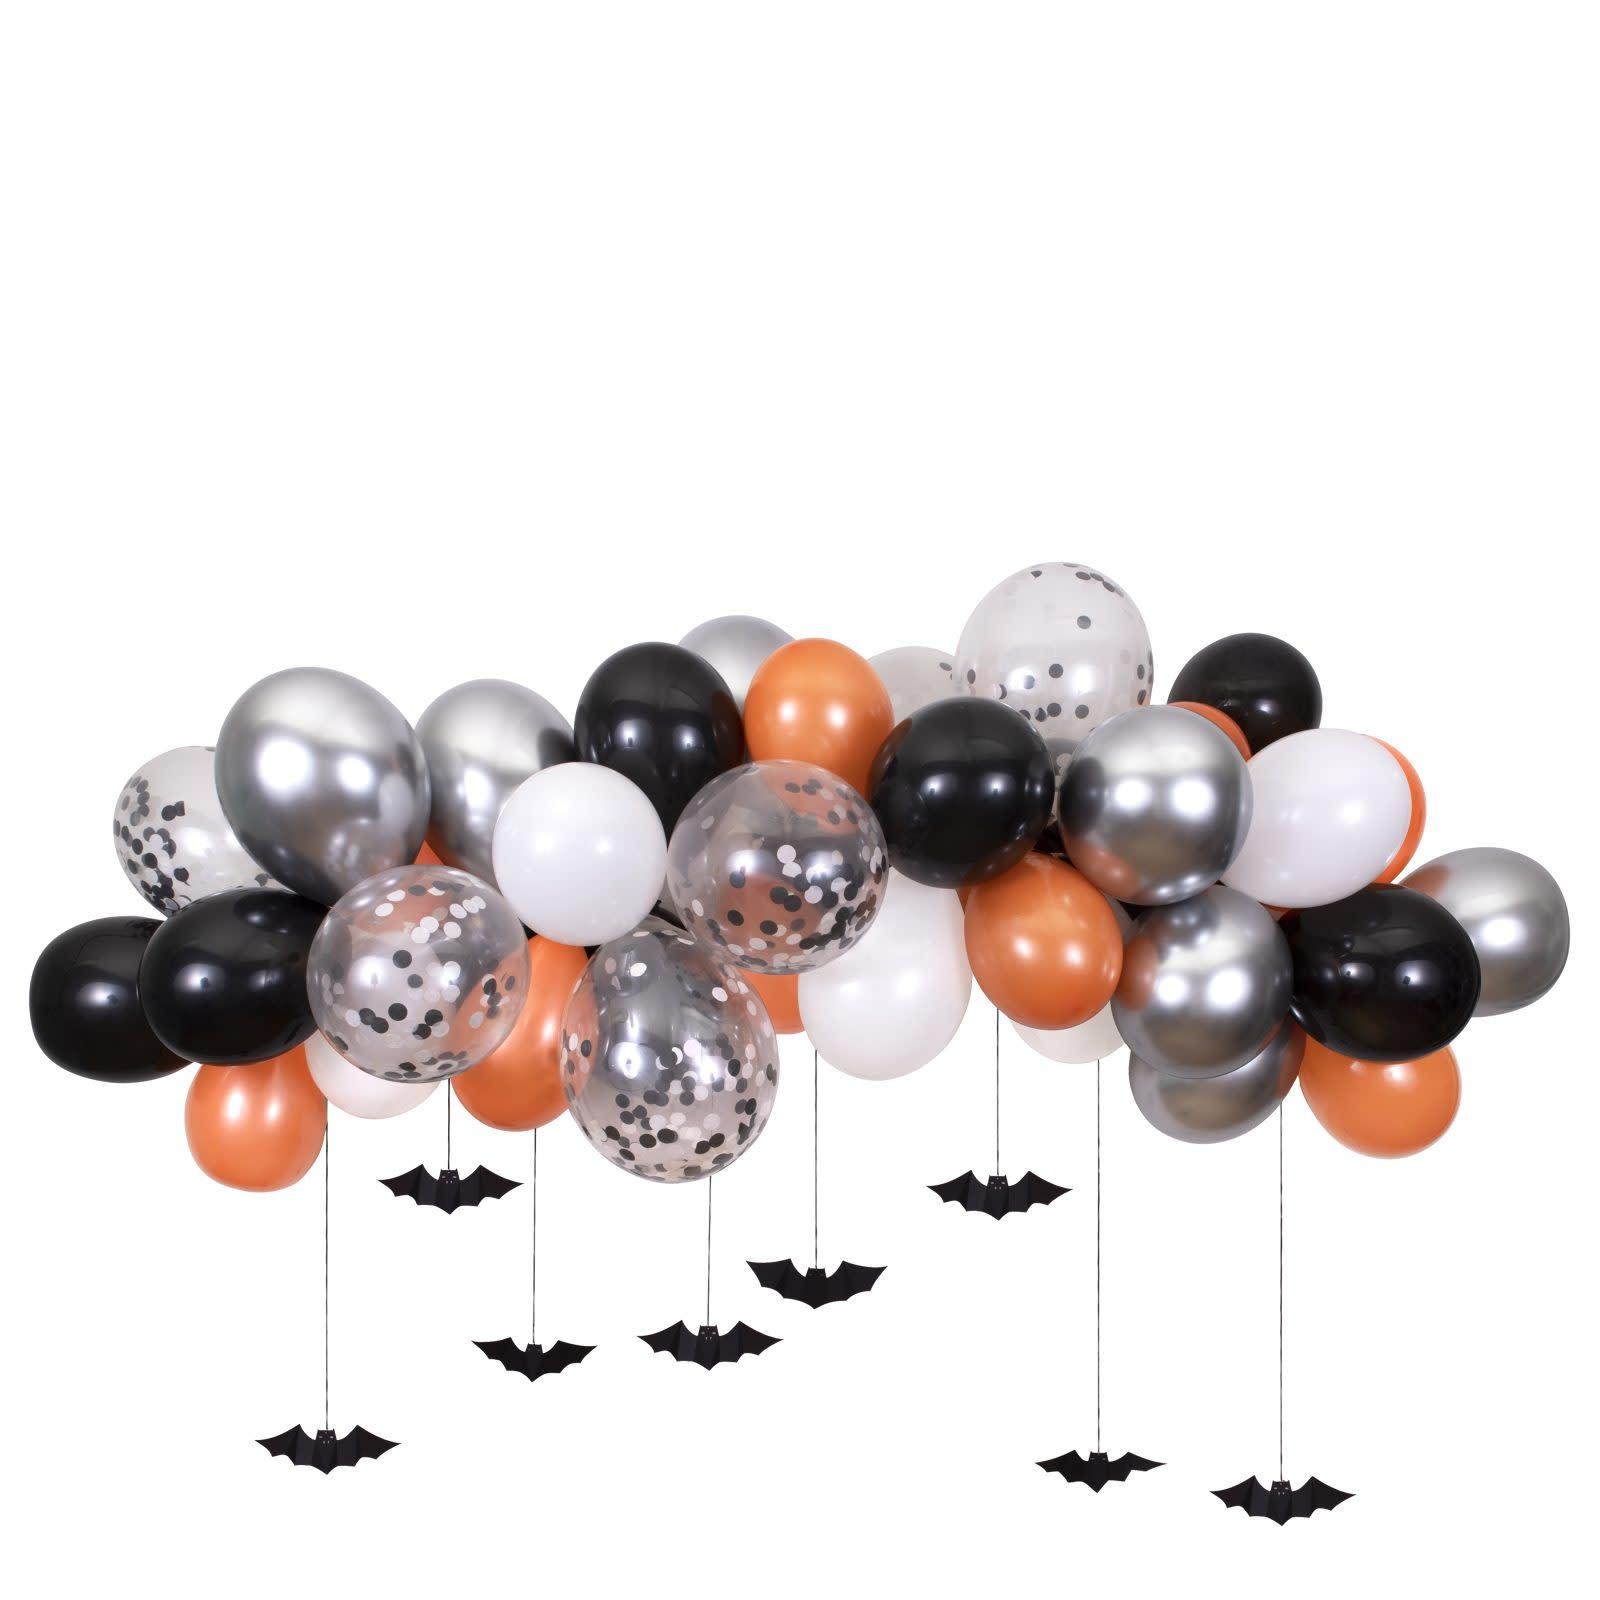 MERIMERI Halloween balloon garland kit